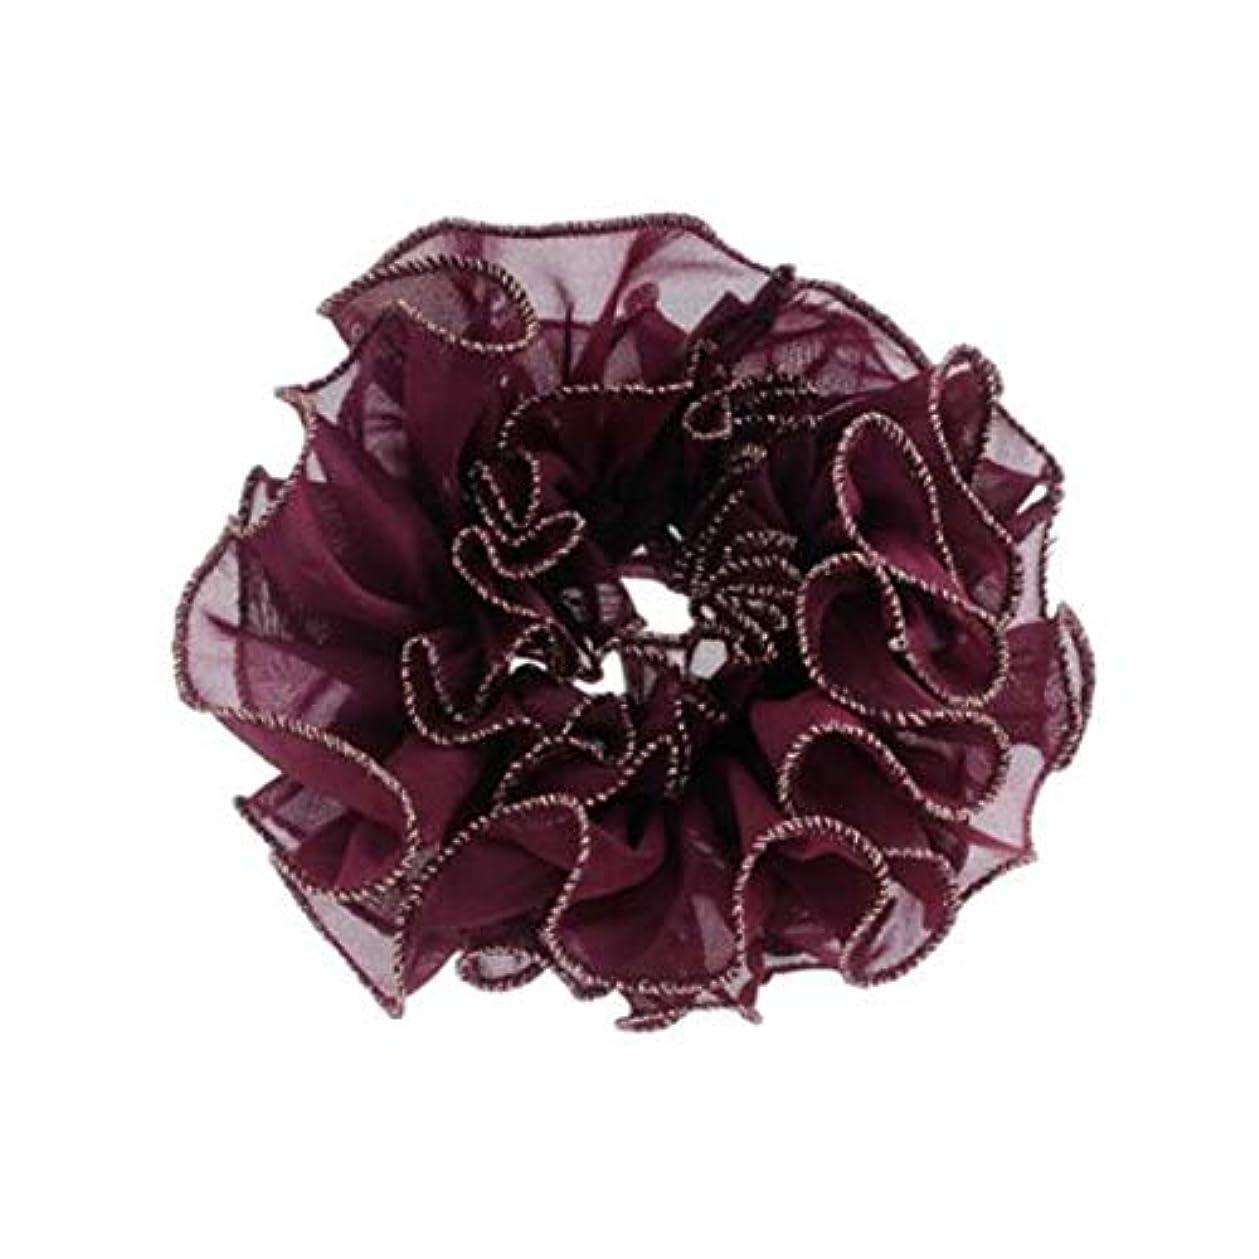 散らす高音繰り返すヘアクリップ、ヘアピン、ヘアグリップ、ヘアグリップ、帽子、ファッションヘアアクセサリー、ヘッド、花、ネクタイ、ヘアロープ、ヘアバンド、ラバーバンド、帽子、A219、ブルゴーニュ、ネイビー、グレー、ブラック (Color : Wine red)